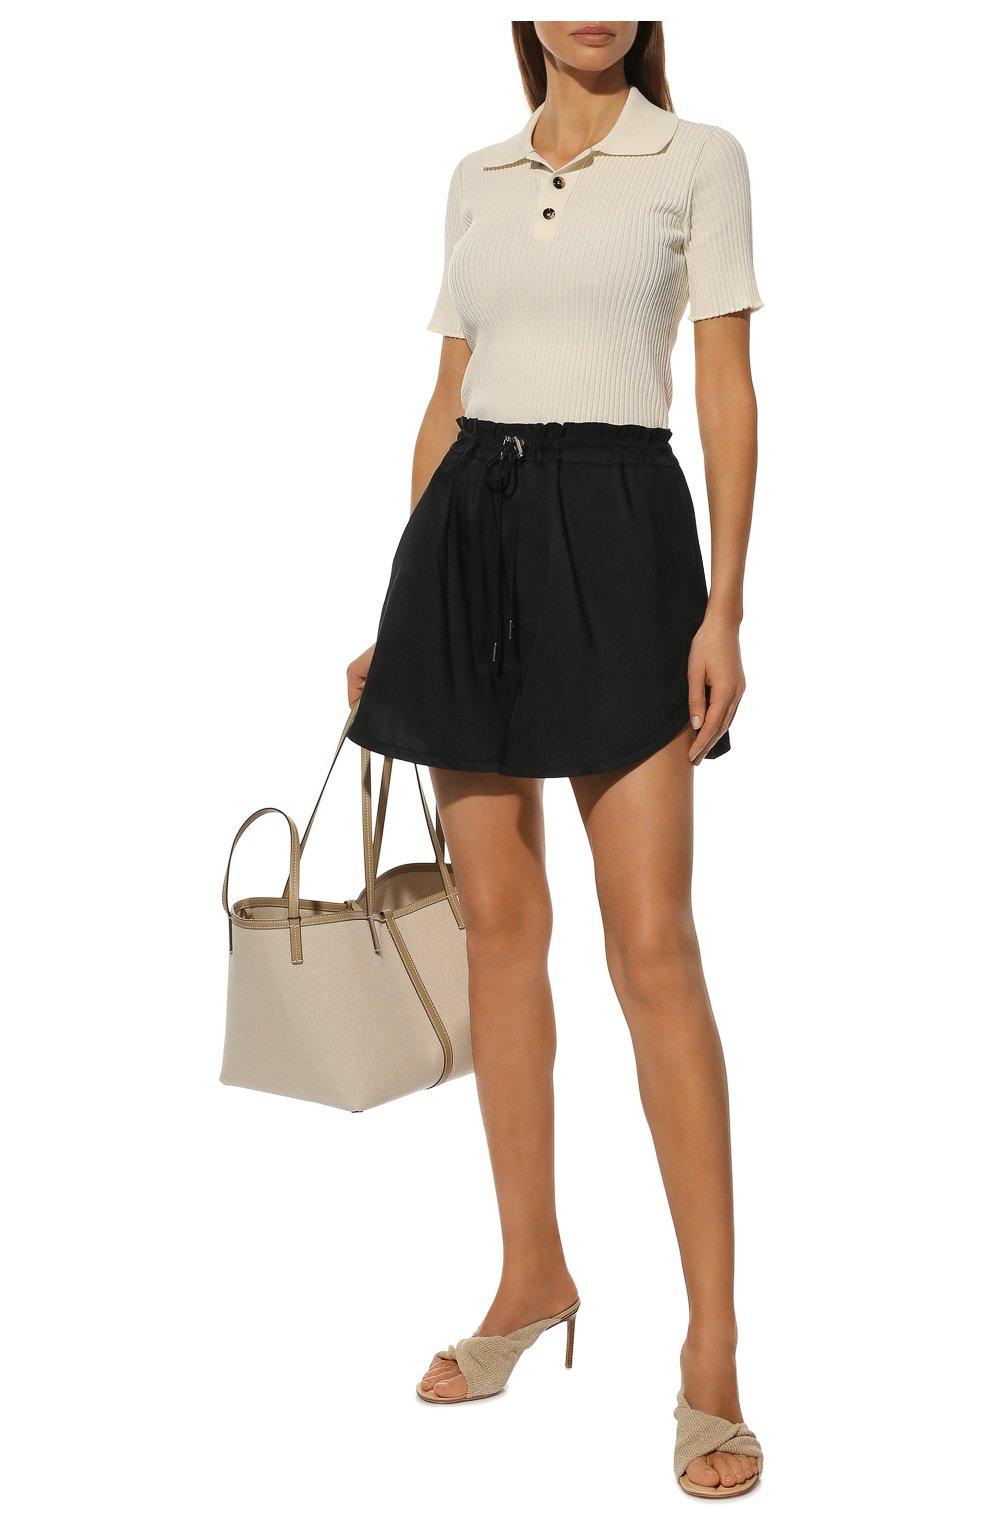 Женские шорты ALEXANDER MCQUEEN черного цвета, арт. 661560/QEACM | Фото 2 (Женское Кросс-КТ: Шорты-одежда; Длина Ж (юбки, платья, шорты): Мини; Материал внешний: Синтетический материал; Стили: Спорт-шик)